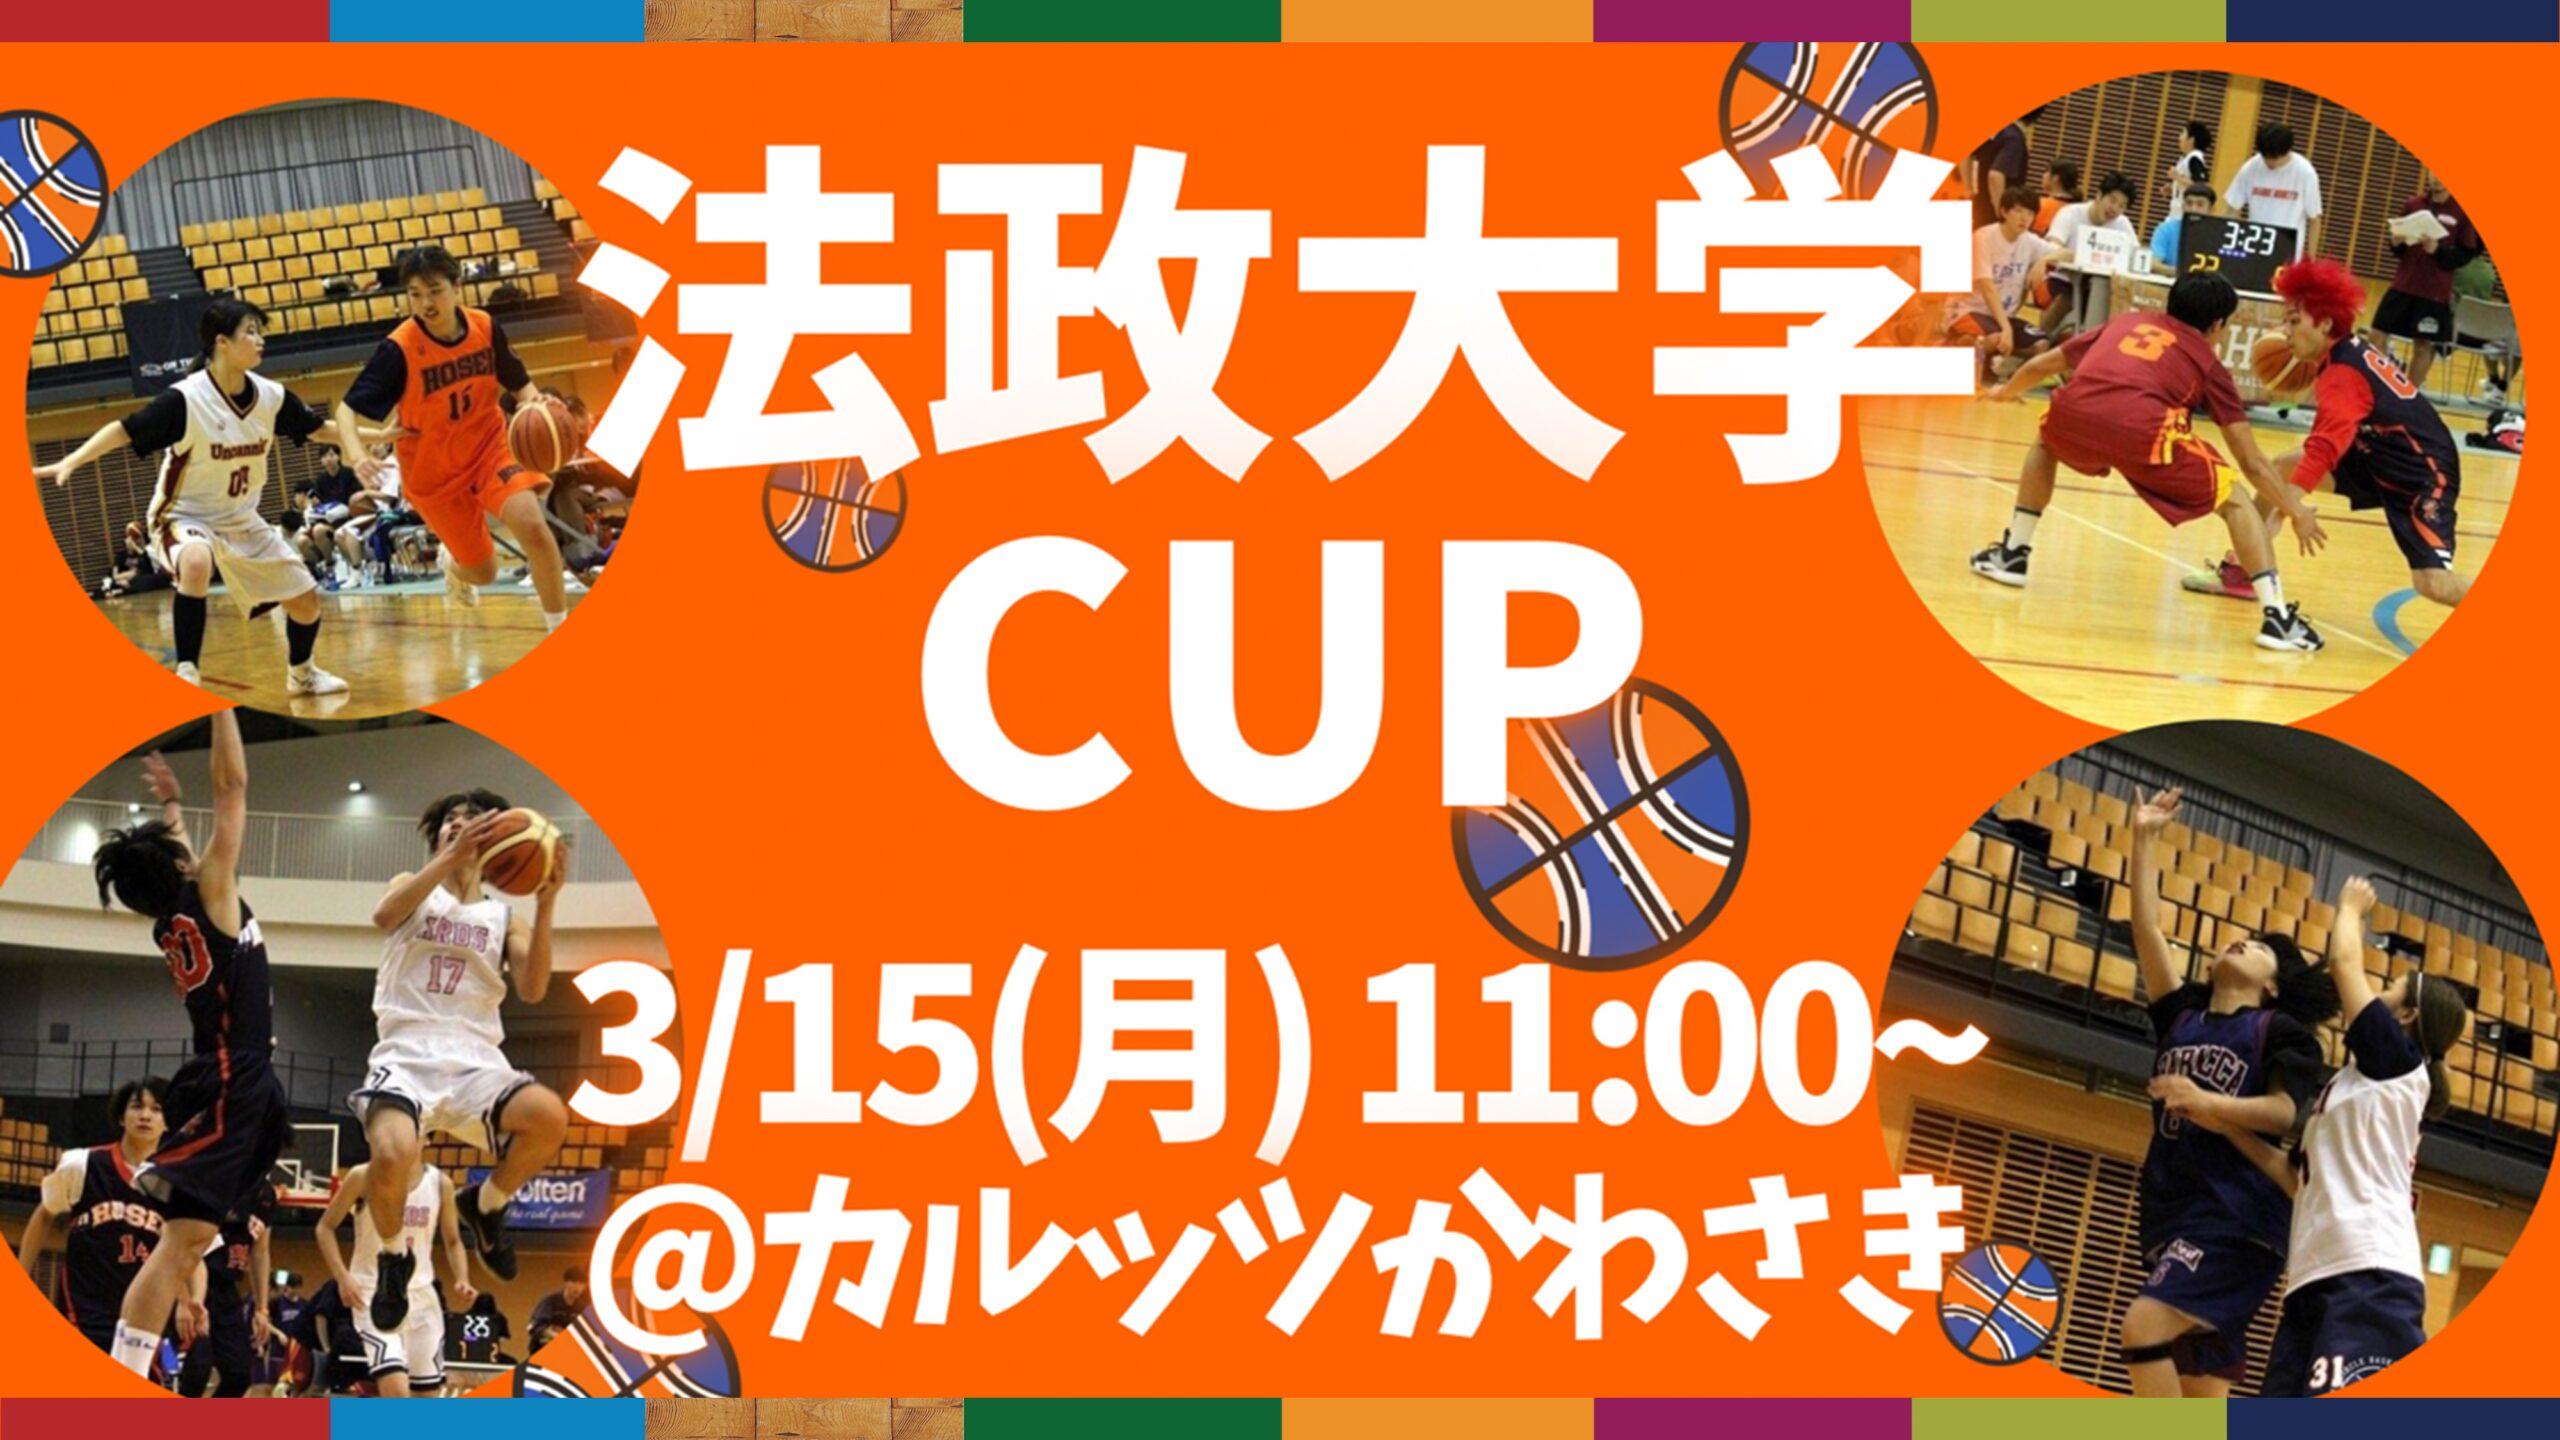 法政大学CUP